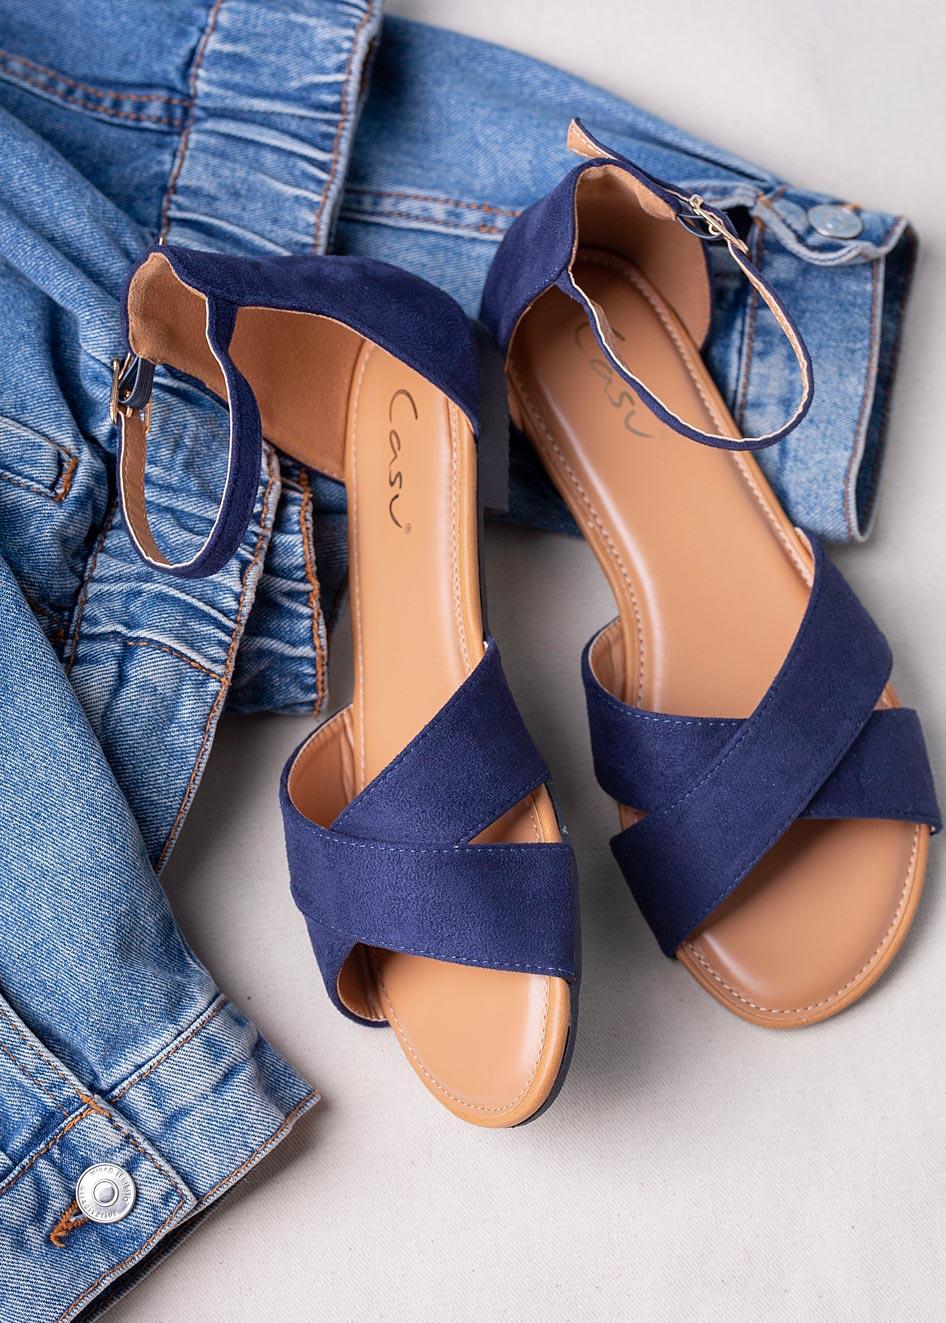 Granatowe sandały płaskie z zakrytą piętą i paskiem wokół kostki Casu RT20X2/N producent Casu